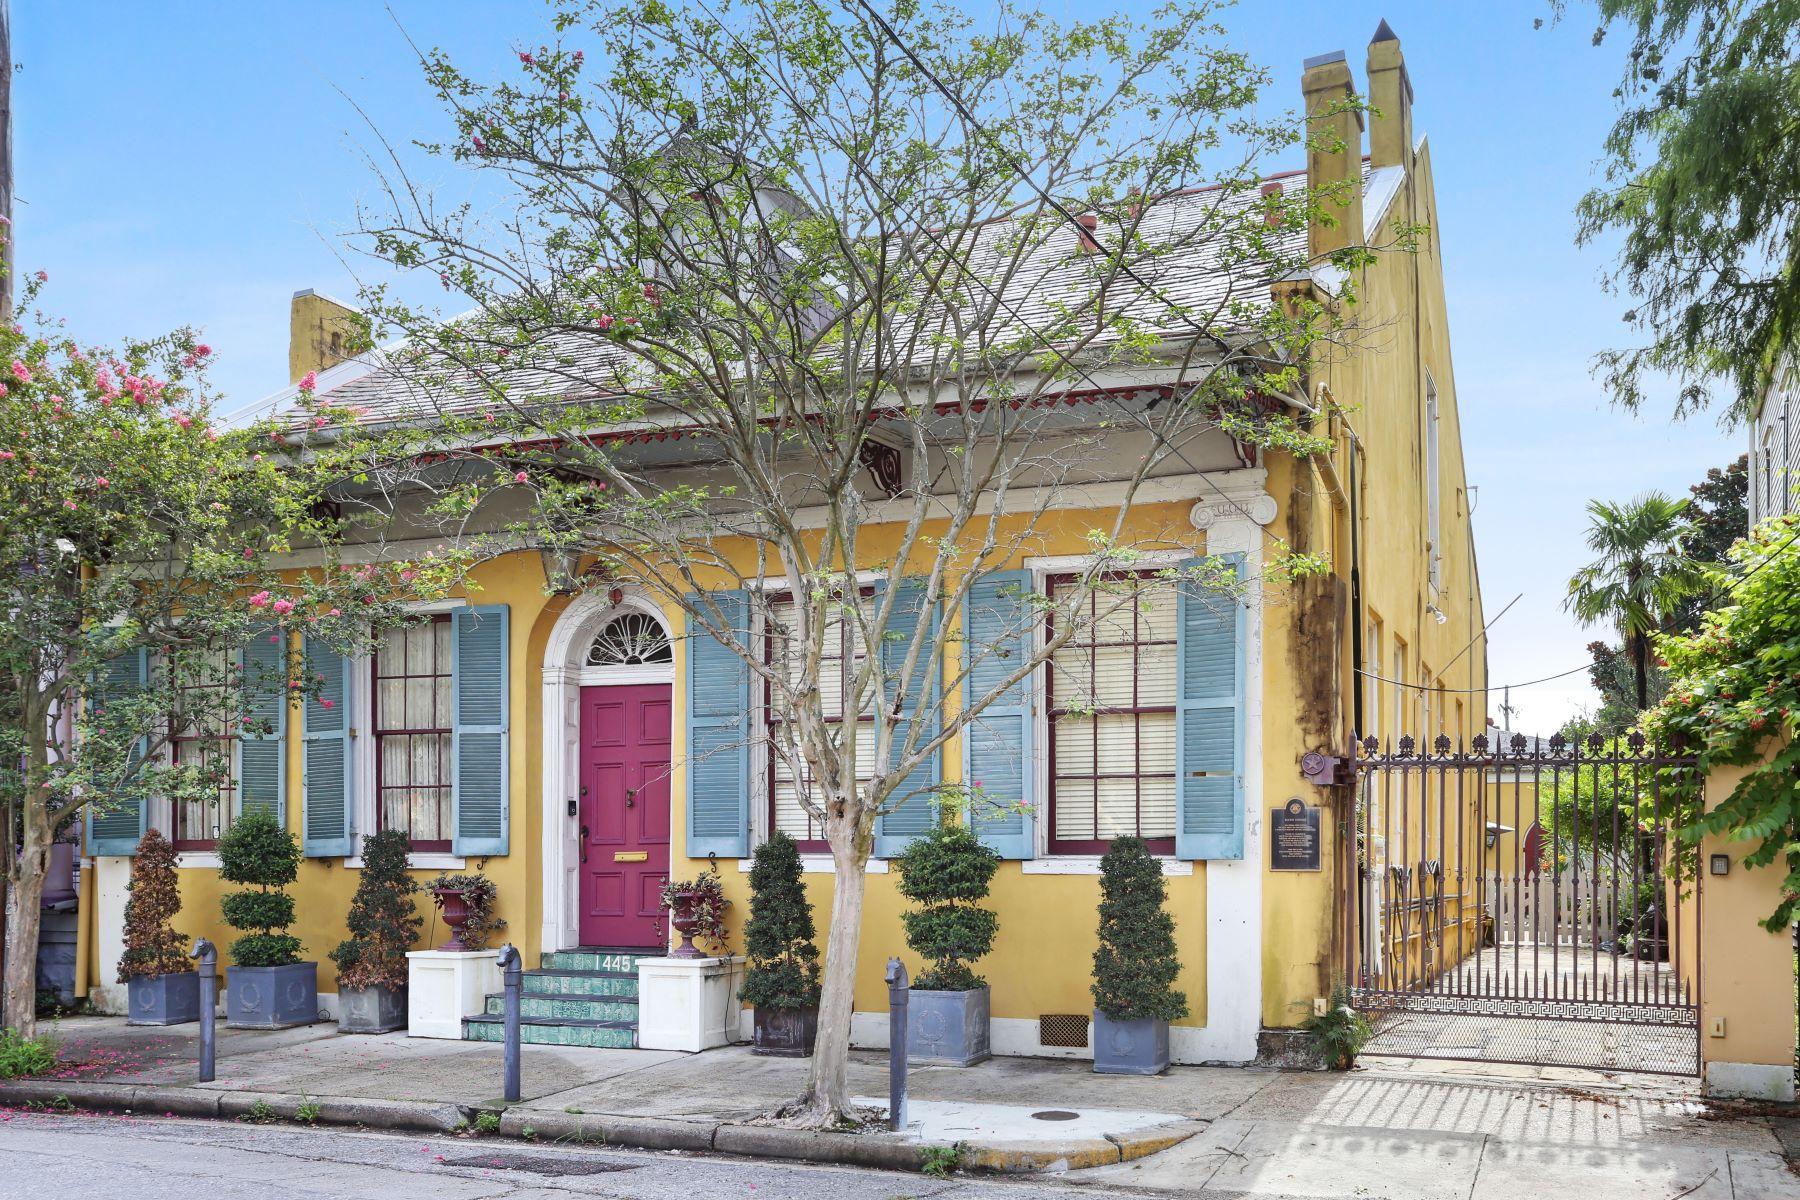 Single Family Homes pour l Vente à BOUTIN HOUSE 1445 Pauger Street, La Nouvelle-Orléans, Louisiane 70116 États-Unis